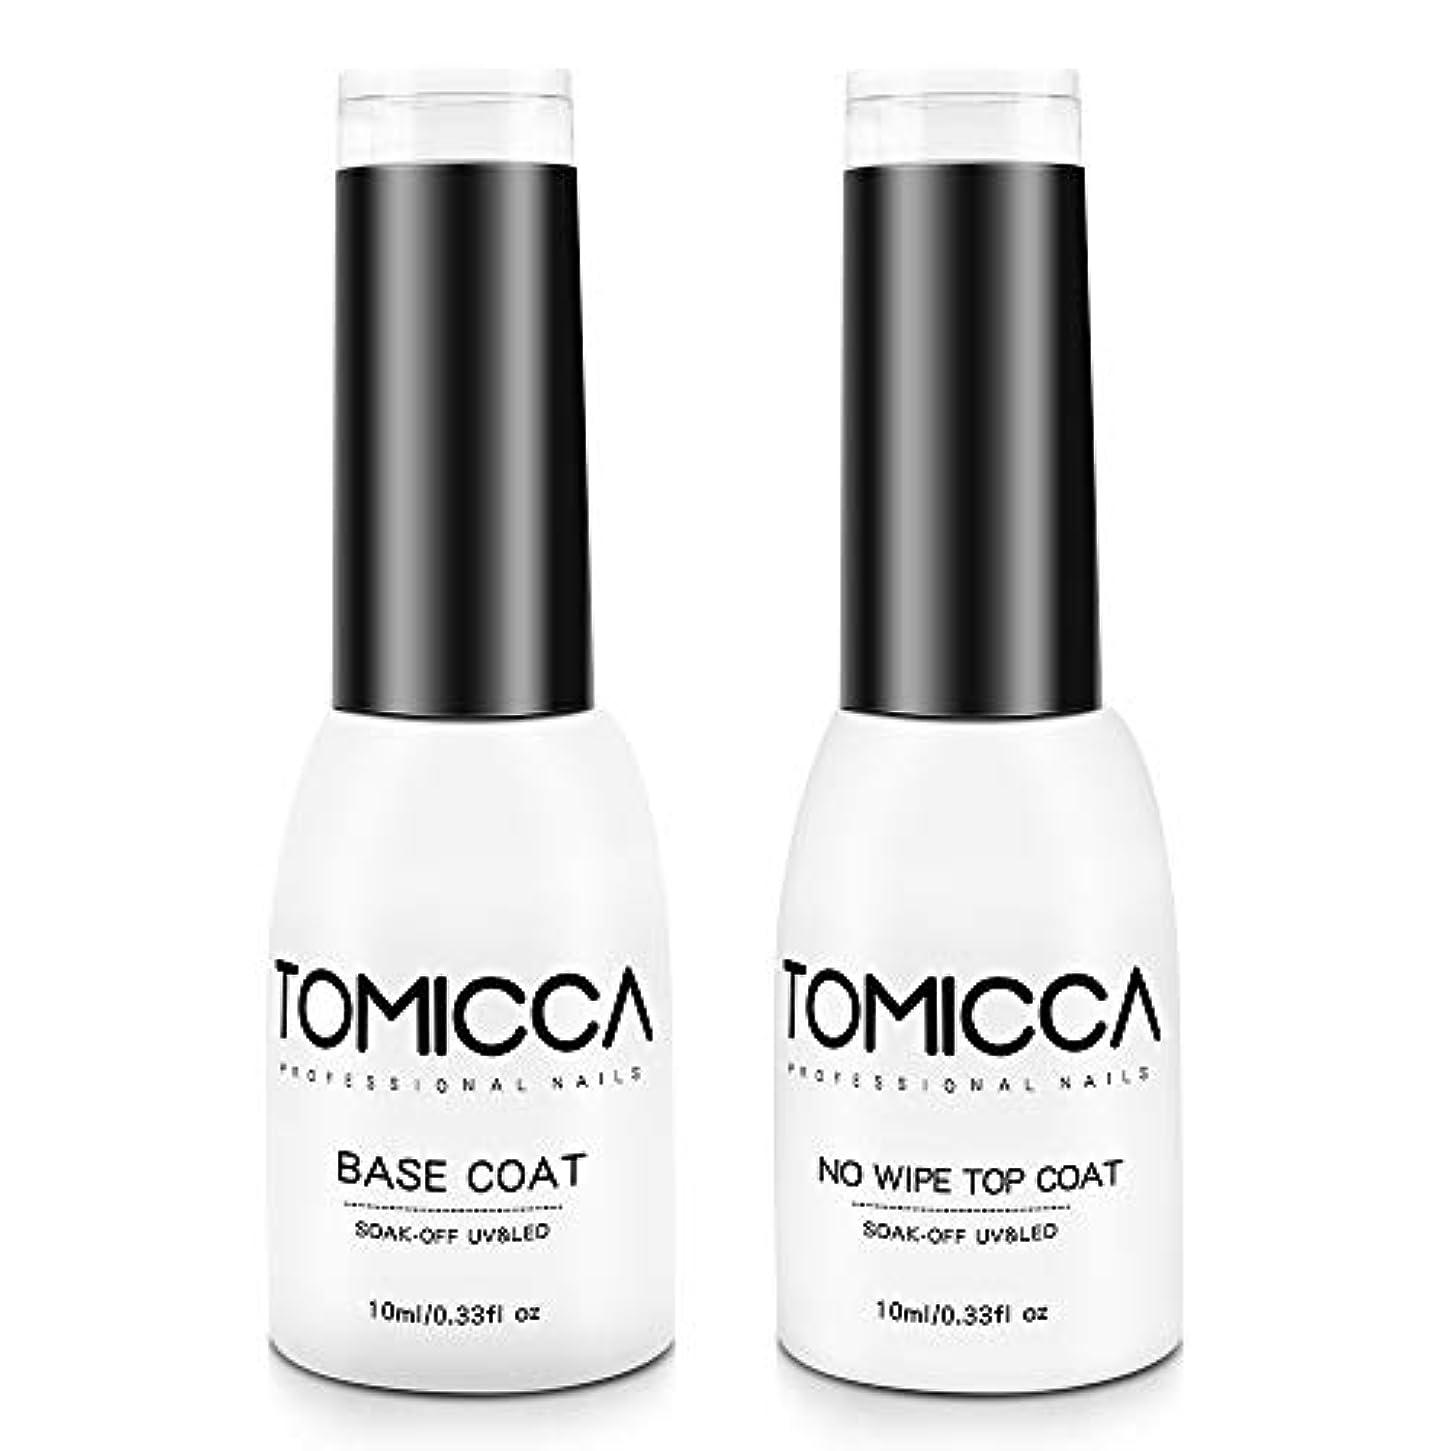 条件付き無臭致命的なTOMICCA ジェルネイル ベースコート トップコート 10ml 2本セット 拭き取り不要 UV/LED対応 大容量 (ベース&トップコート)